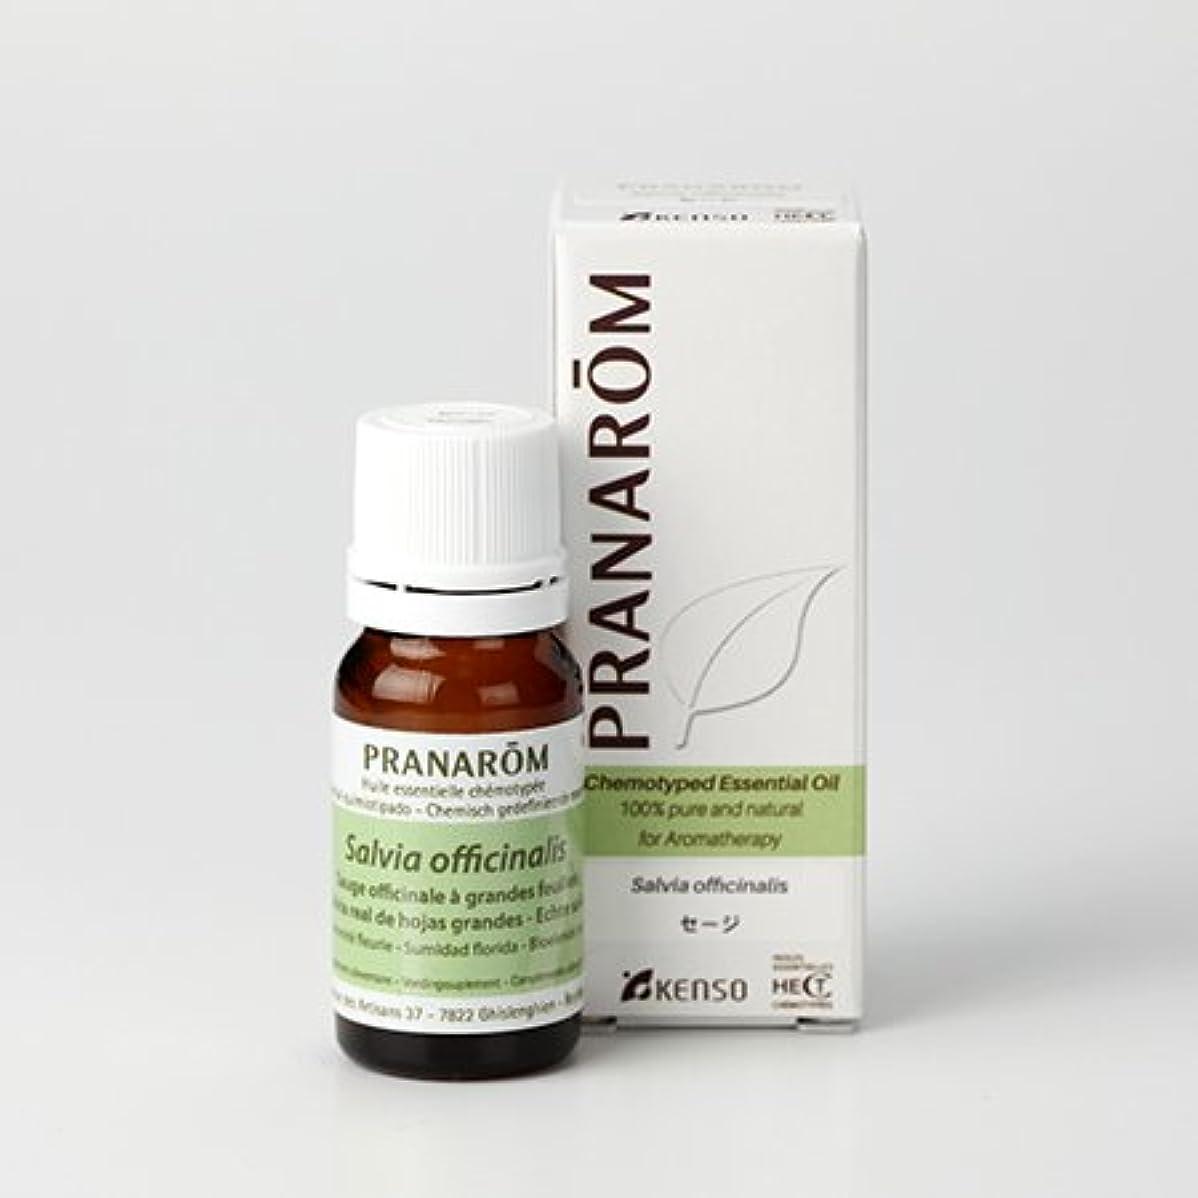 パーク子供っぽいキャンドル【セージ 10ml】→樟脳のようなハッキリとした香り?(リフレッシュハーブ系)[PRANAROM(プラナロム)精油/アロマオイル/エッセンシャルオイル]P-164